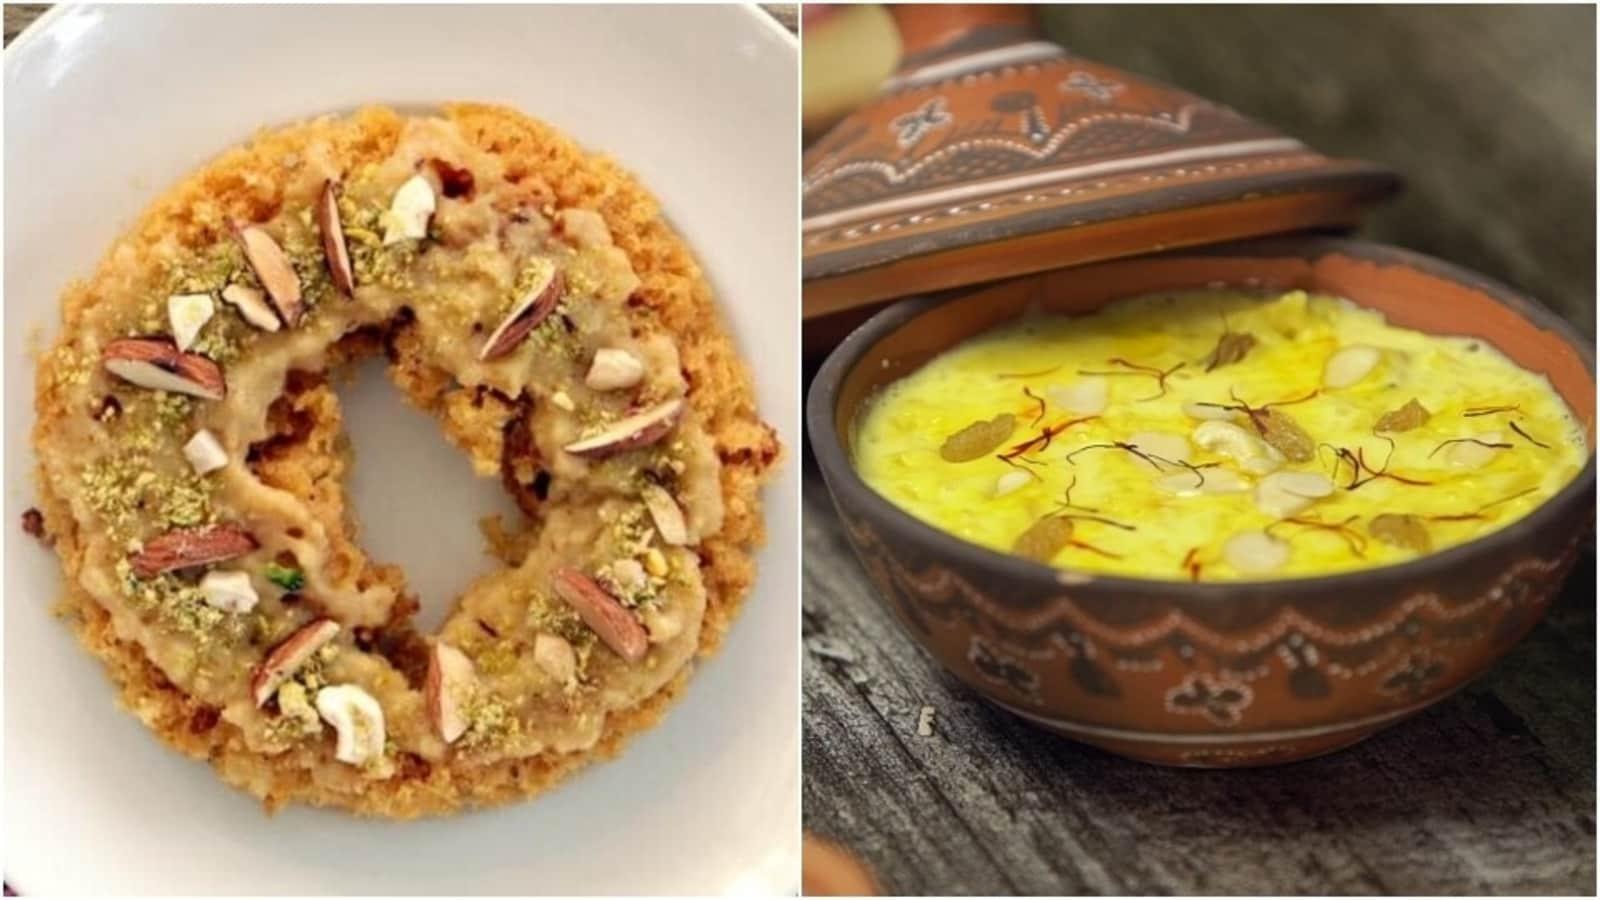 Hartalika Teej 2021: Delicious food items to enjoy on this auspicious day - Hindustan Times